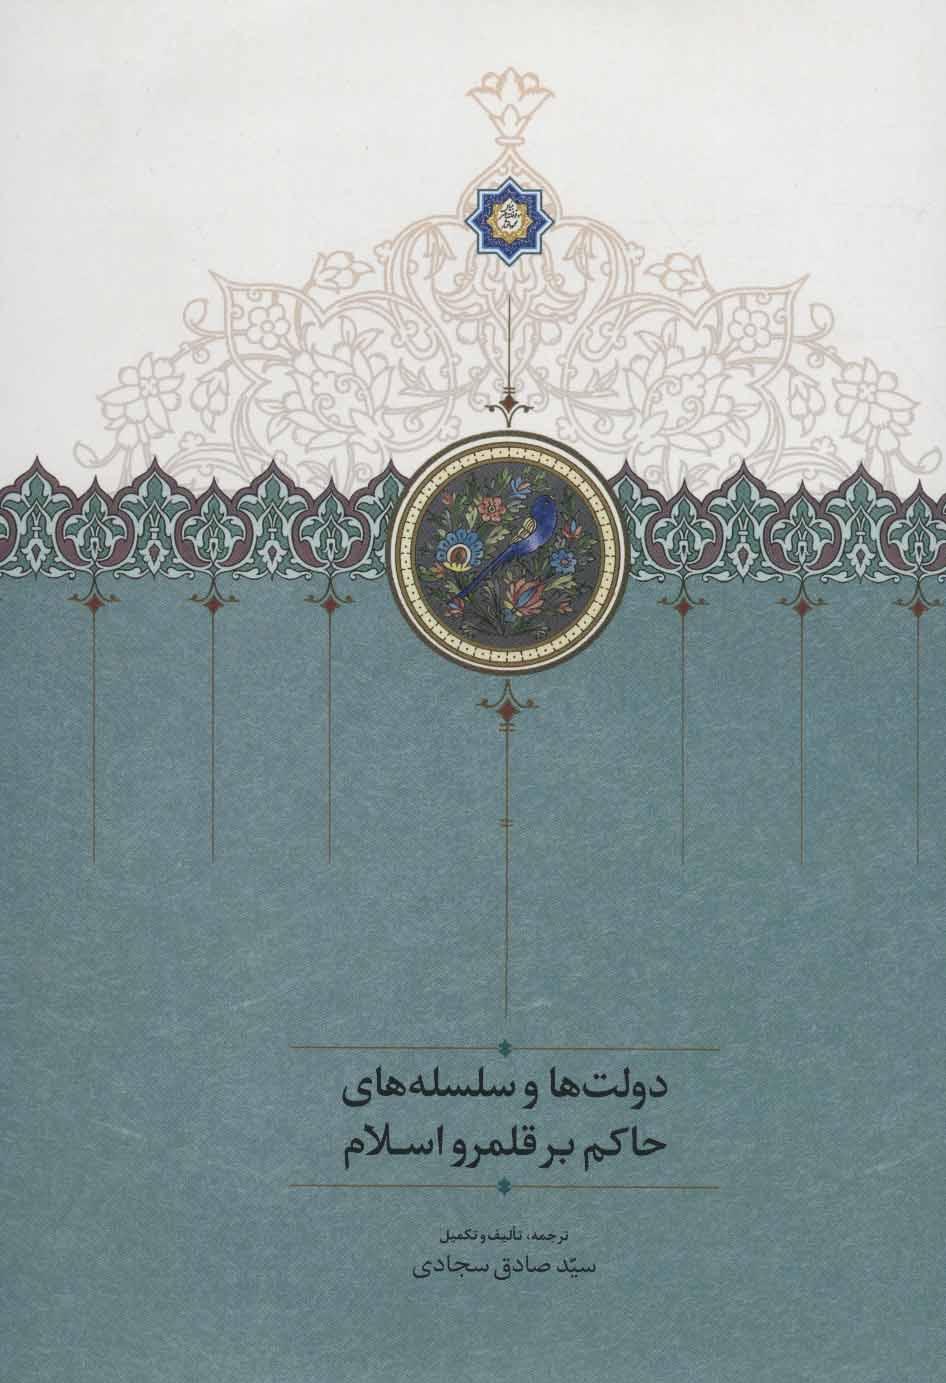 دولت ها و سلسله های حاکم بر قلمرو اسلام